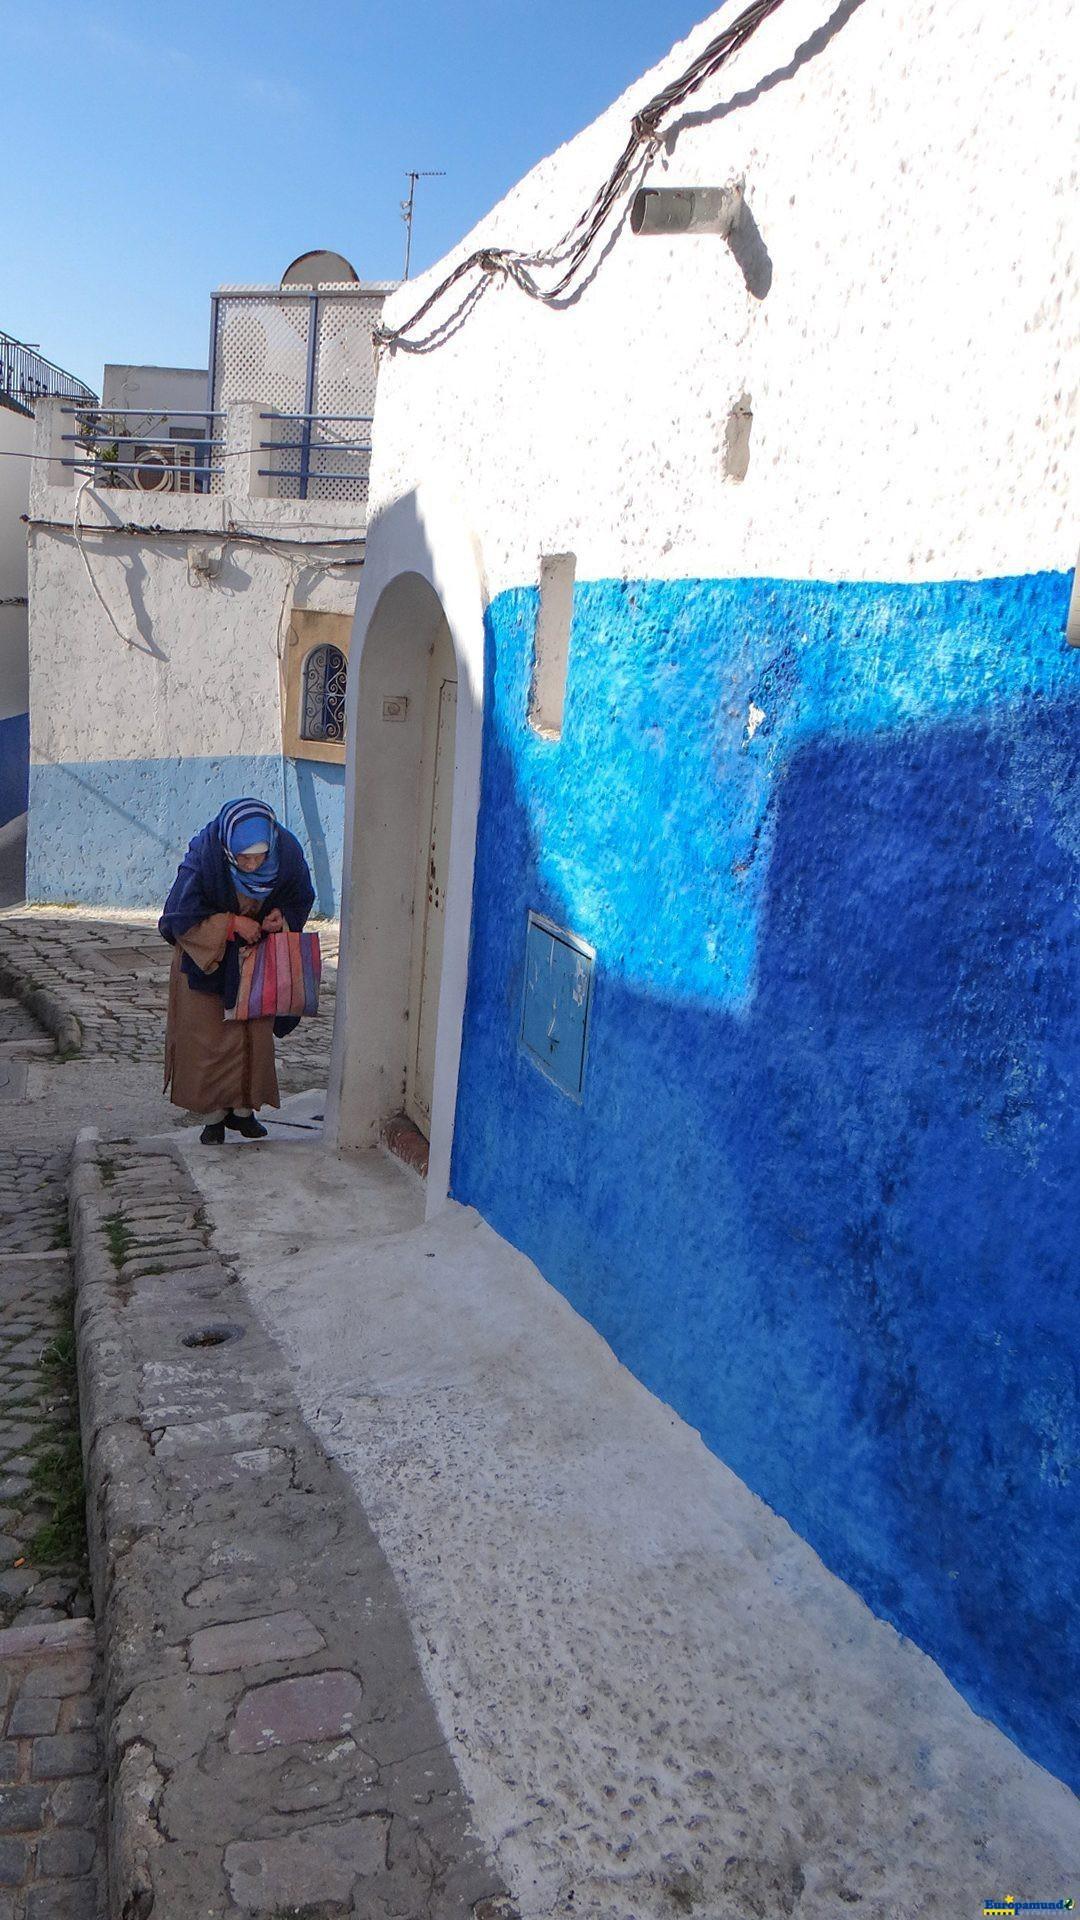 Asilah, MARRUECOS / Alicia Garello